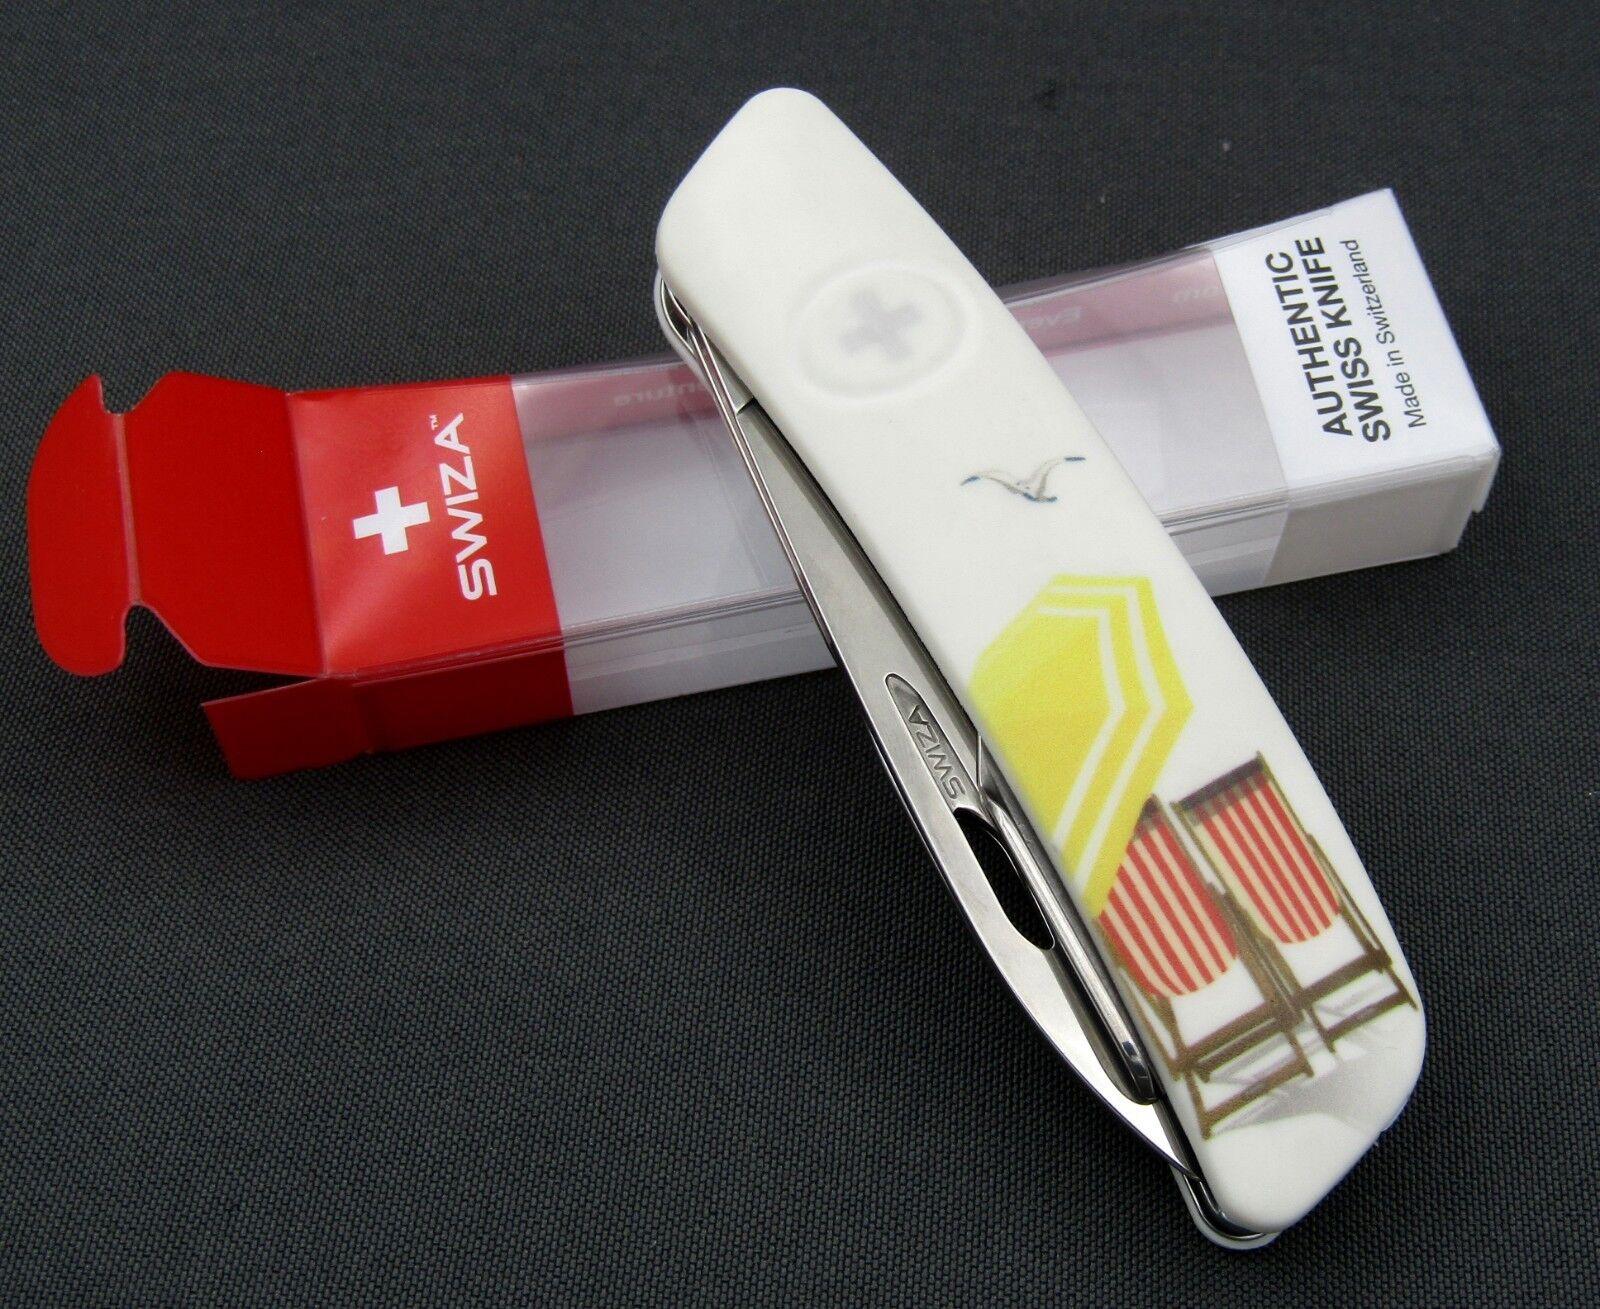 Schweizer Taschenmesser SWIZA, Jahreszeiten, SUMMER, limitiert, swiss army knife